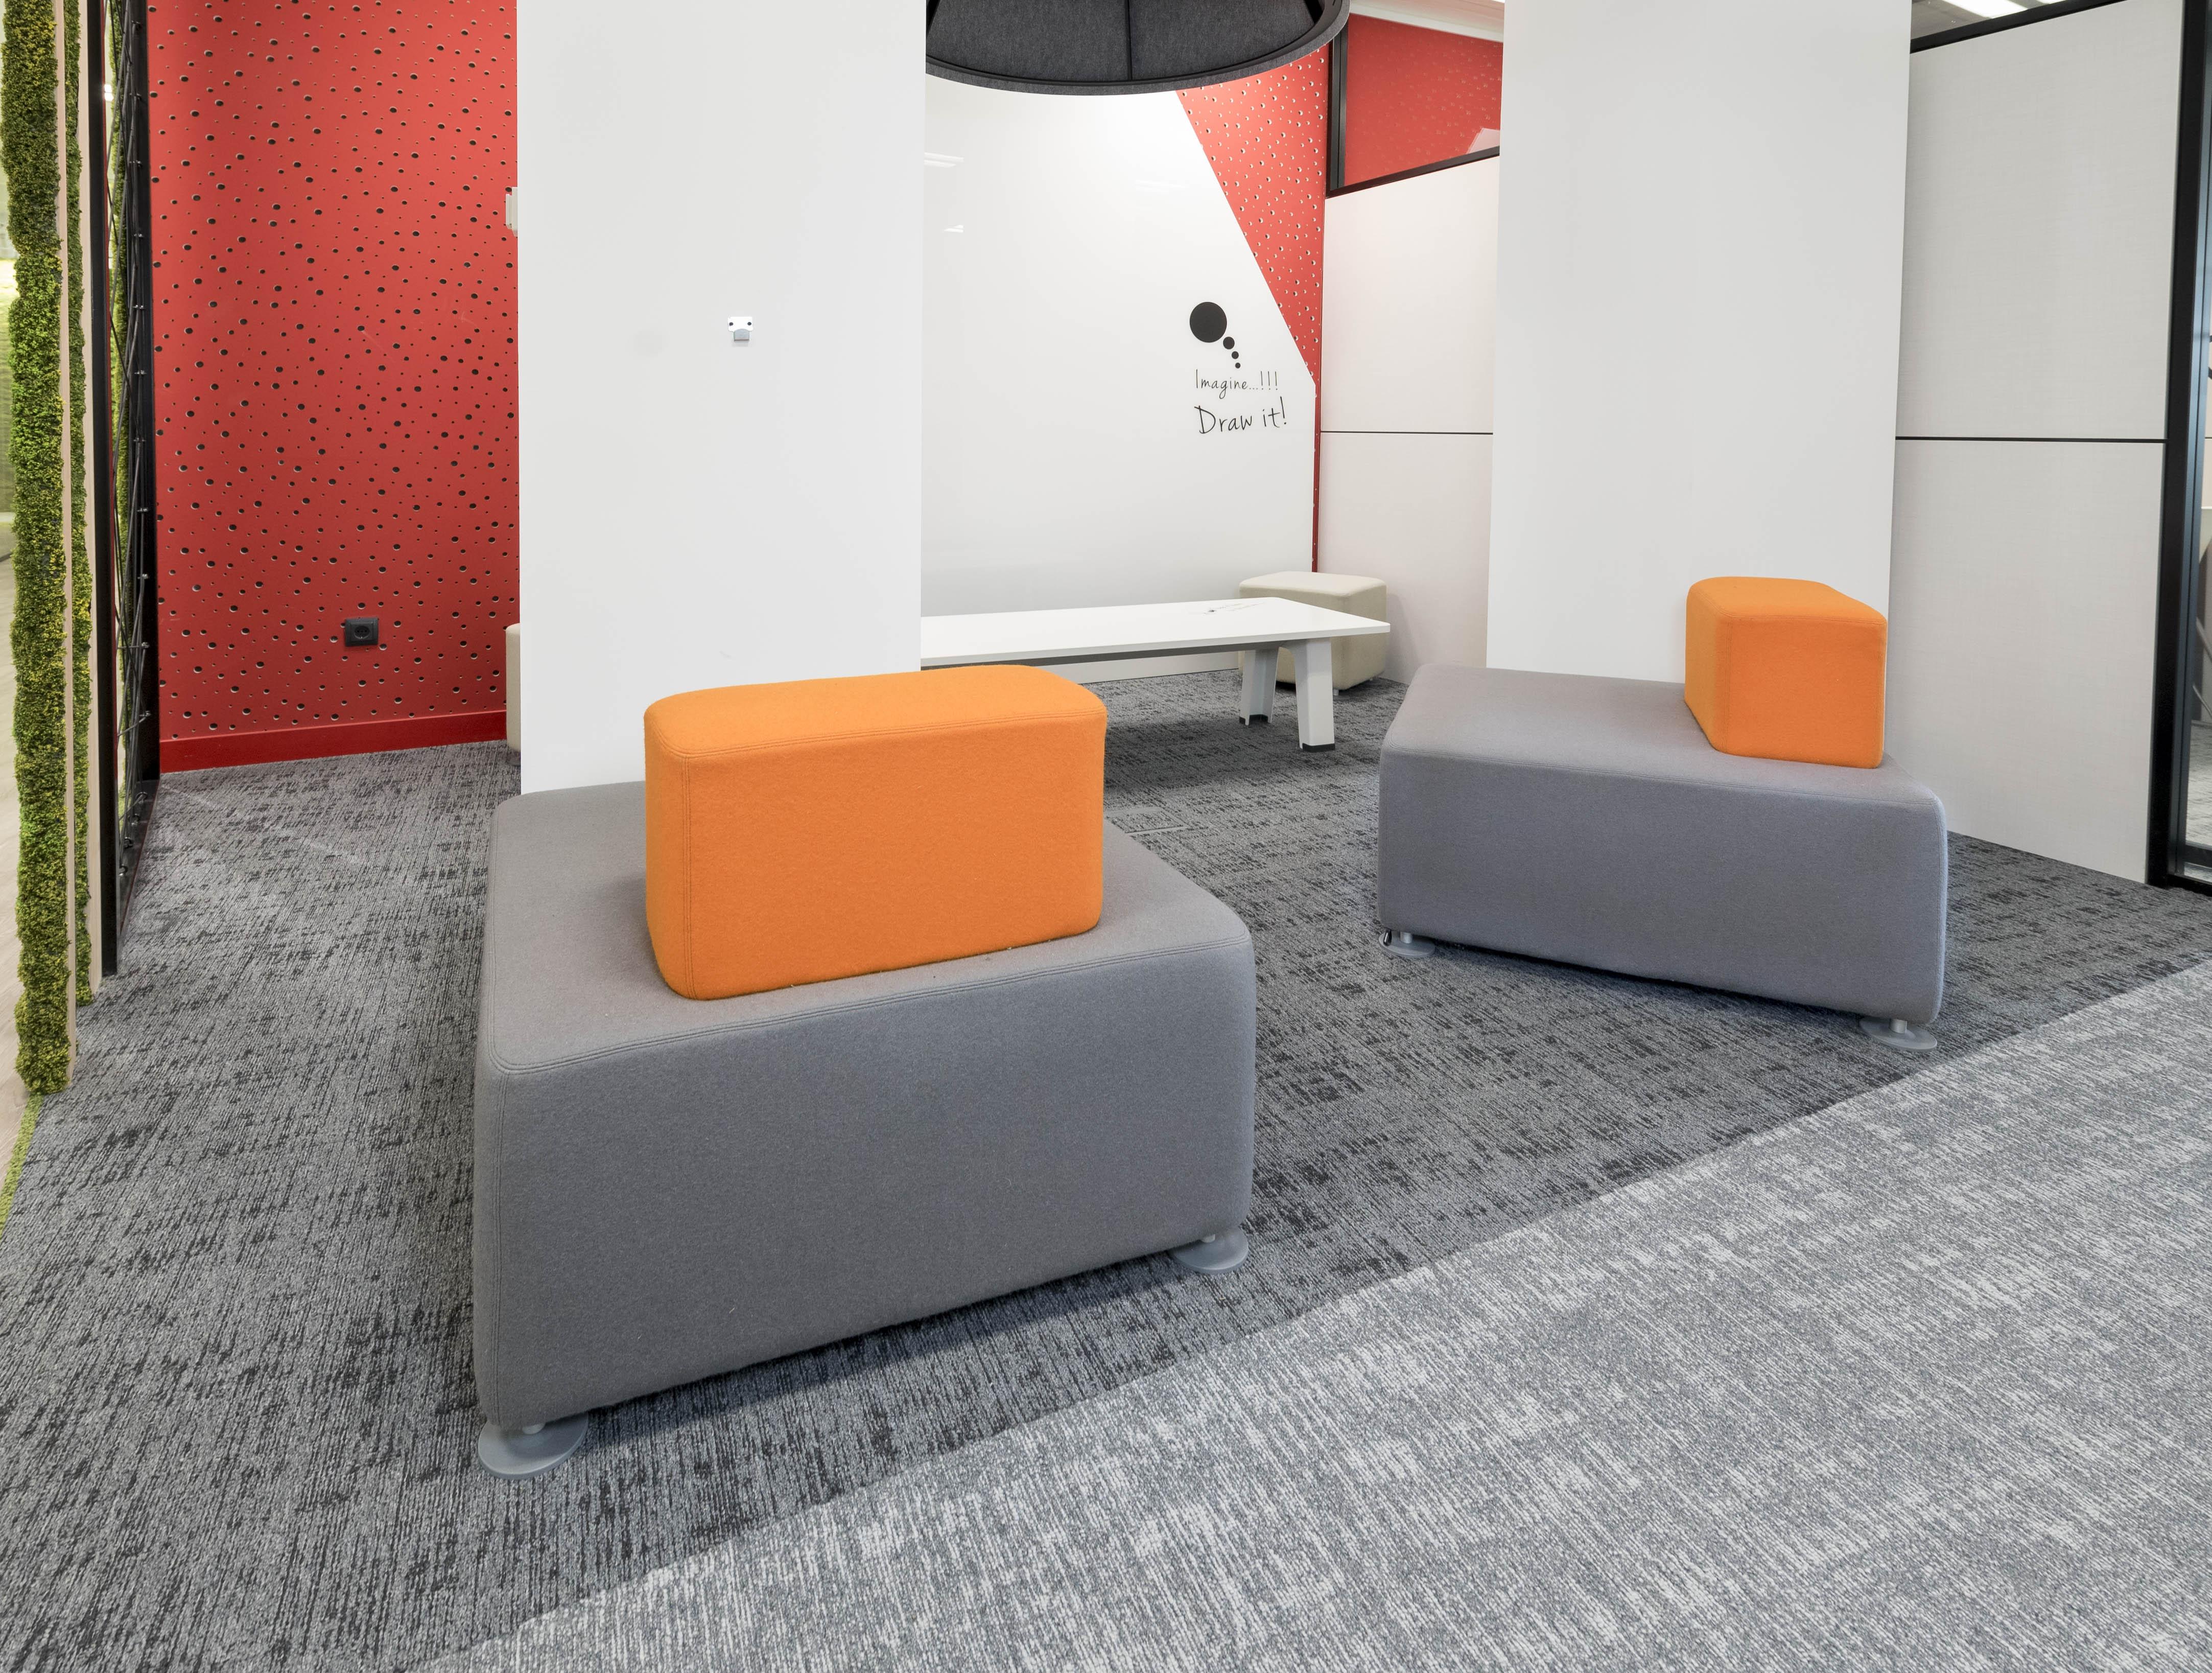 Oficinas centrales madrid onspace creamos espacios for Oficinas de axa en madrid